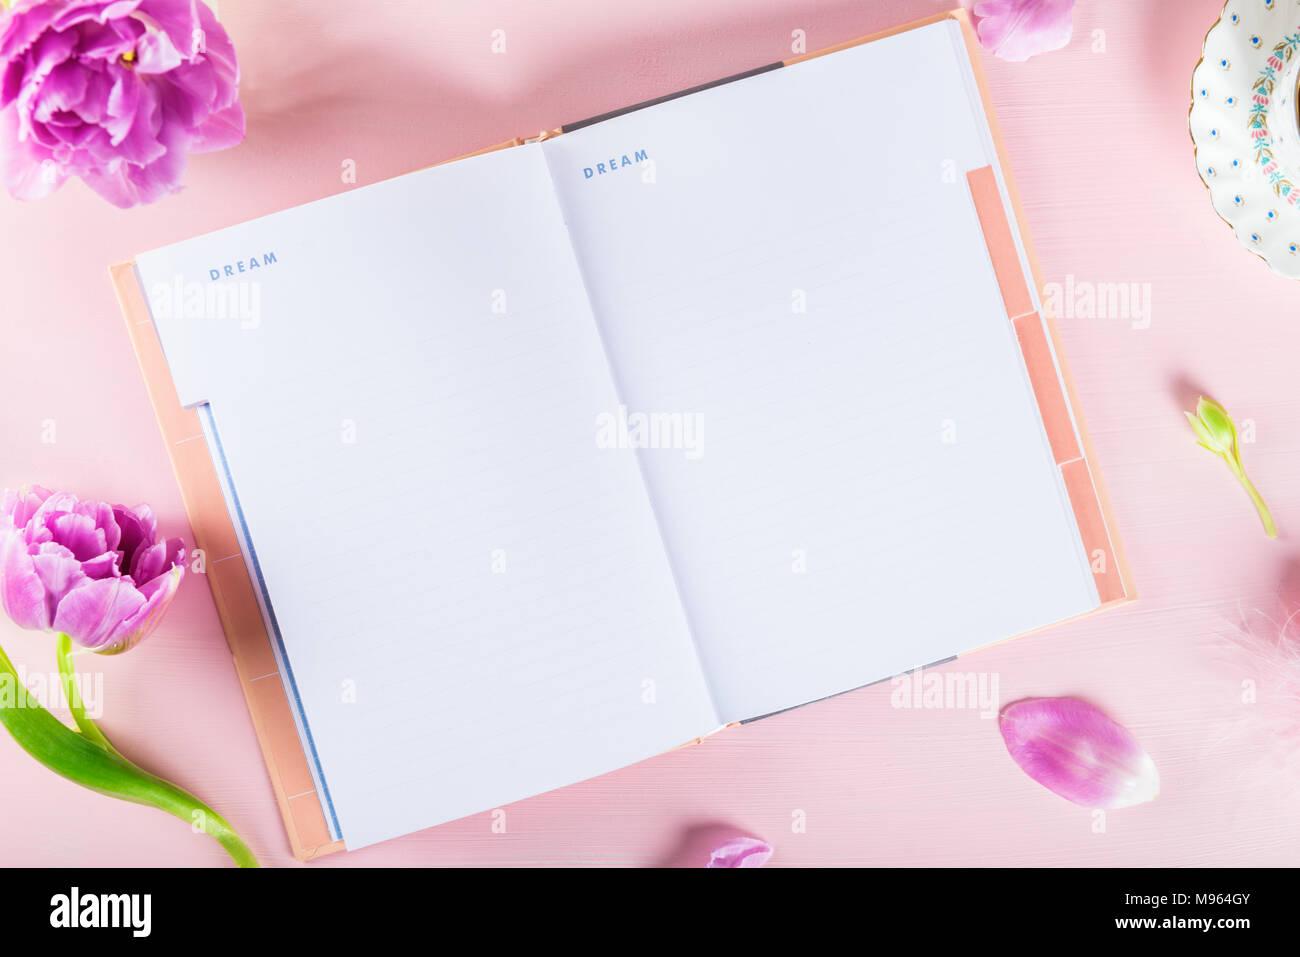 Ordinateur portable ouvert pour écrire les plans ou les rêves, girly paramètres sur la table avec bouquet de tulipes et de fond rose. Rêver grand concept Photo Stock